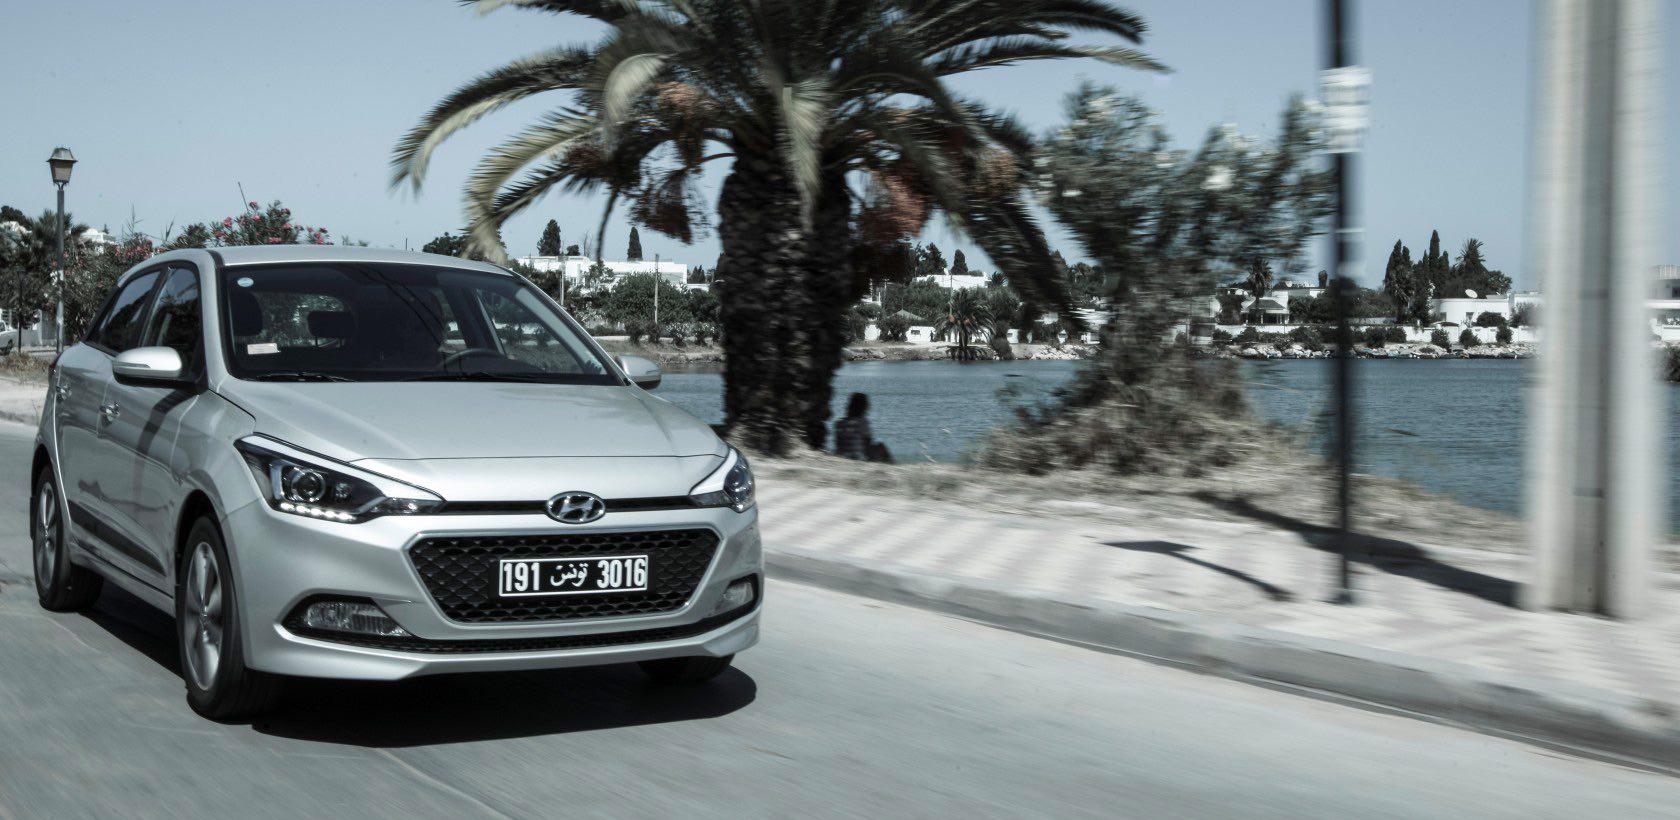 La nouvelle Hyundai i20 élue meilleure voiture de sa catégorie